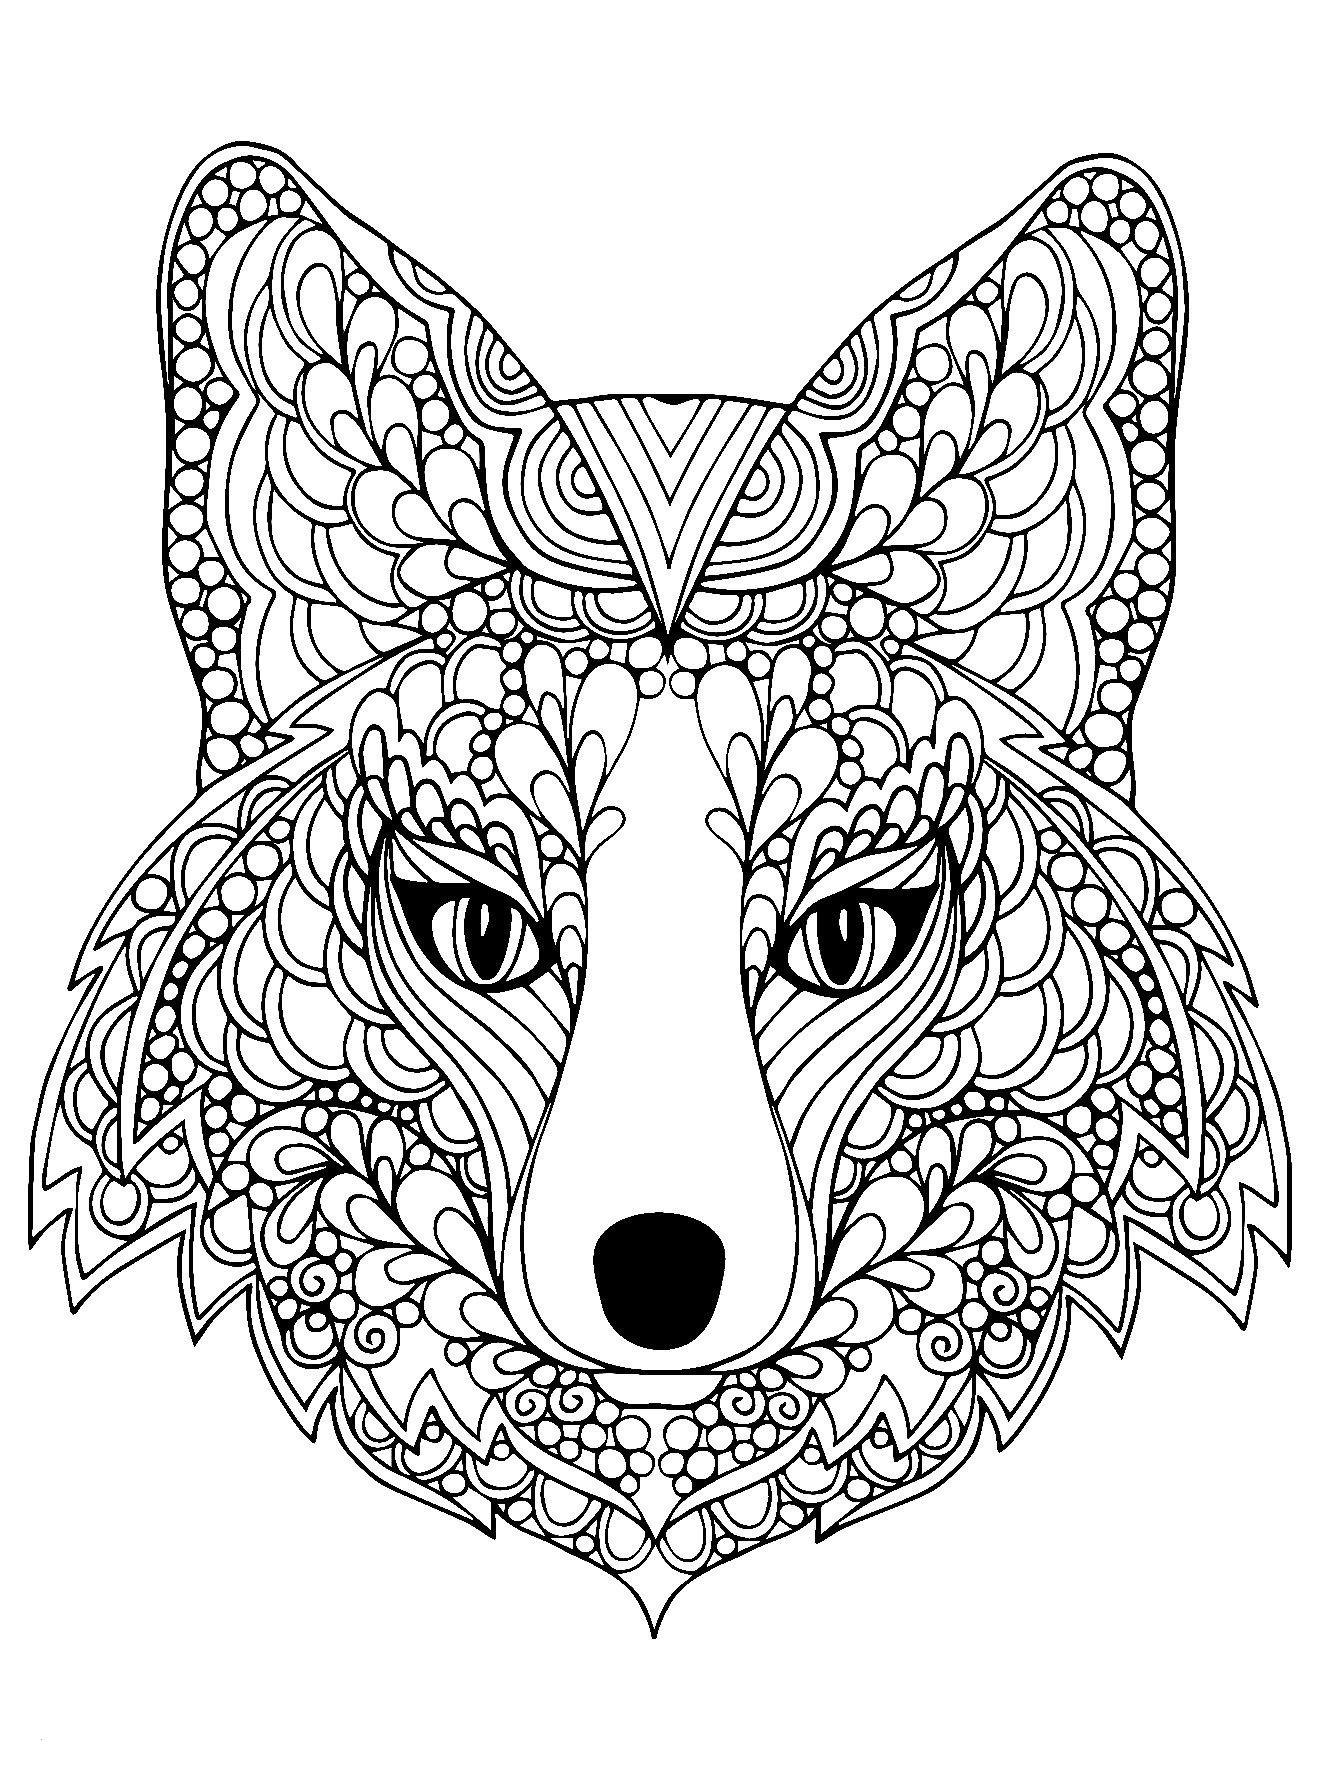 Pferde Ausmalbilder Mit Reiter Genial Ausmalbilder Reiter Schön Coloring Page Beutiful Fox Head Free to Galerie